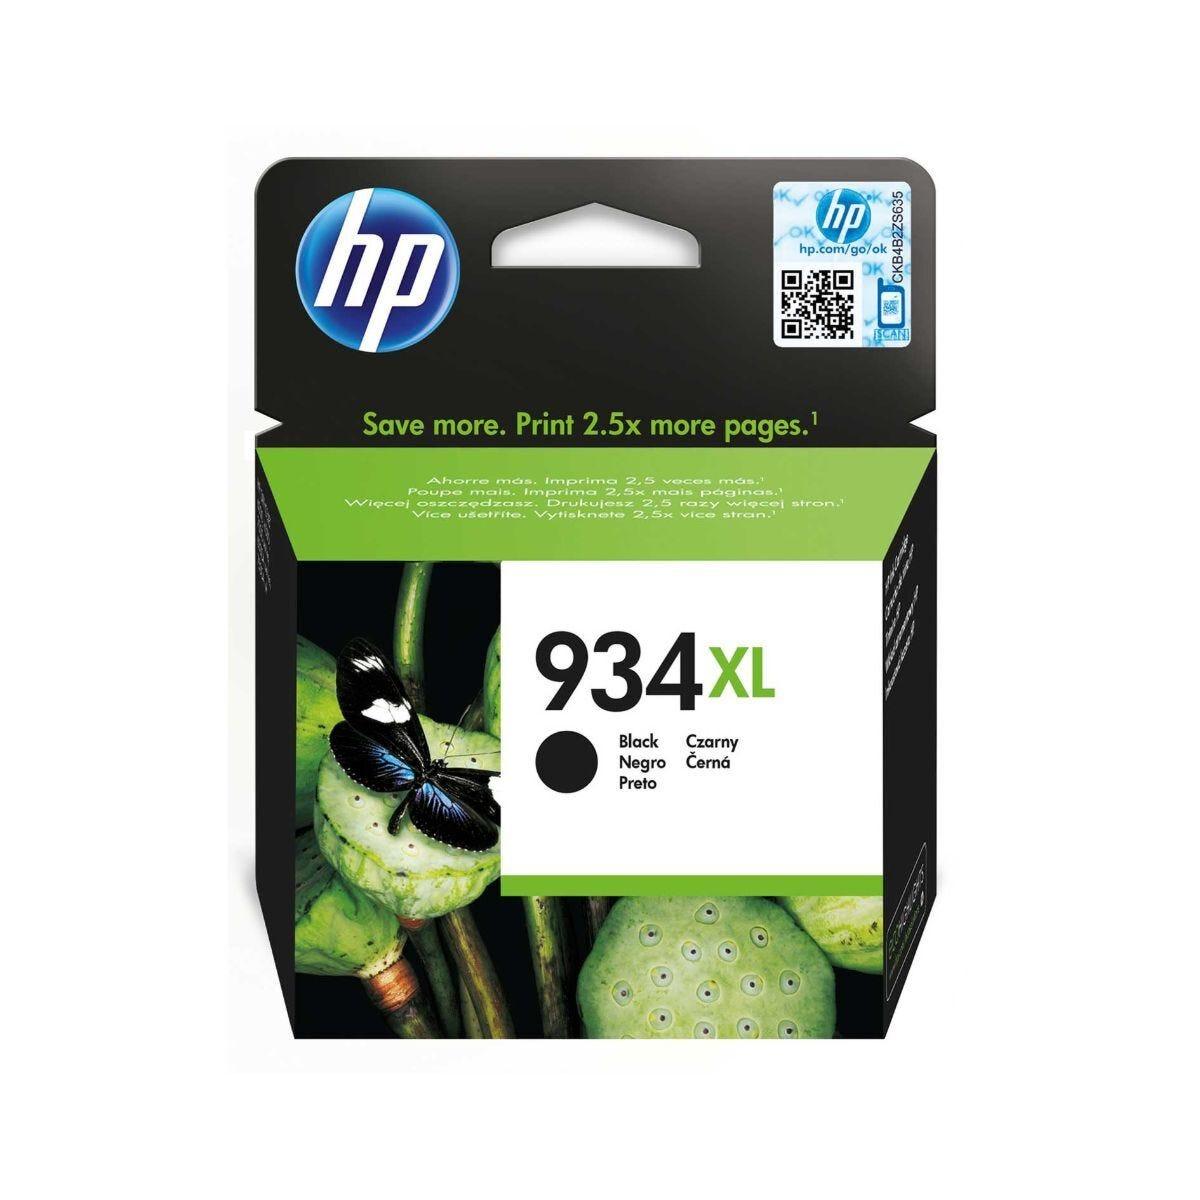 HP 934XL Ink Cartridge